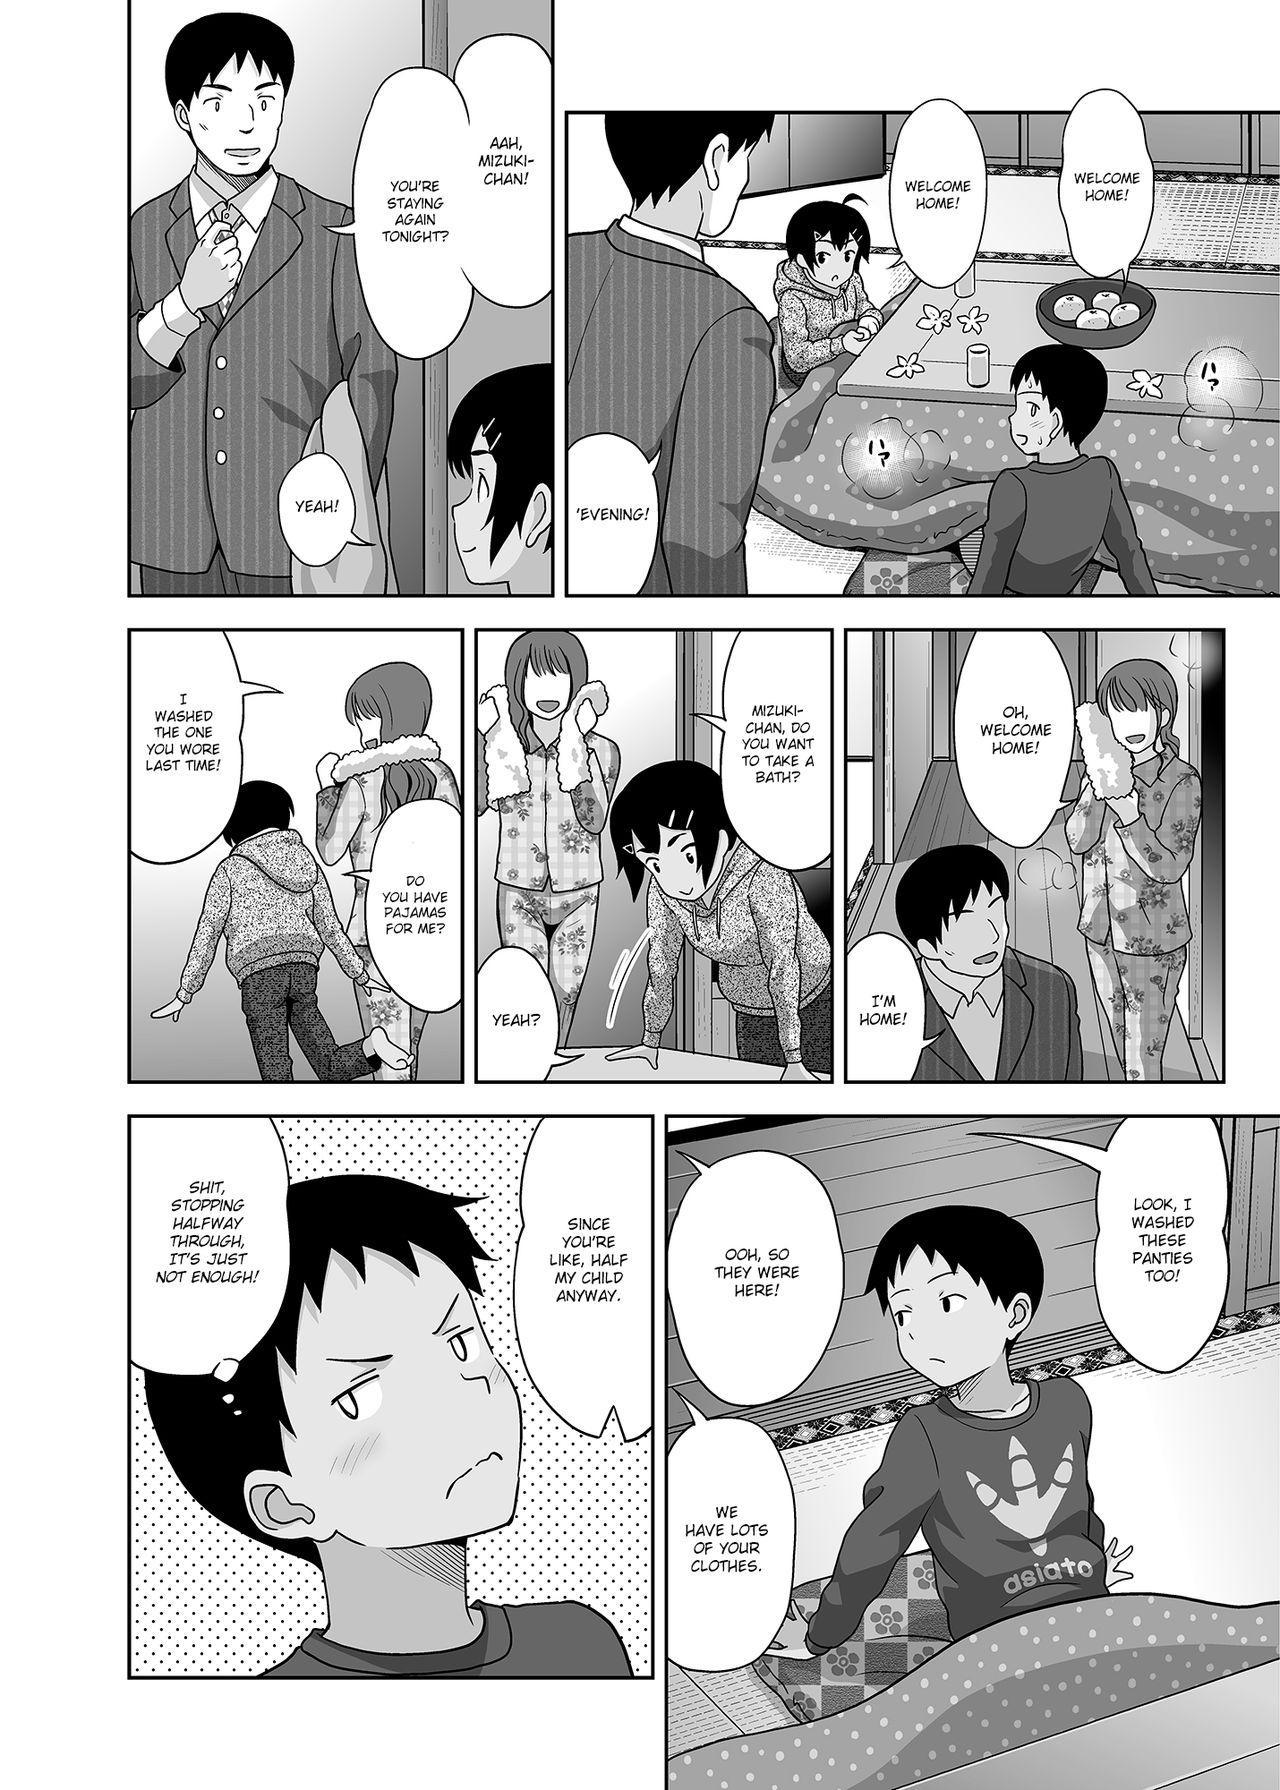 Toaru Fuyu no Shoujo no Ehon 12